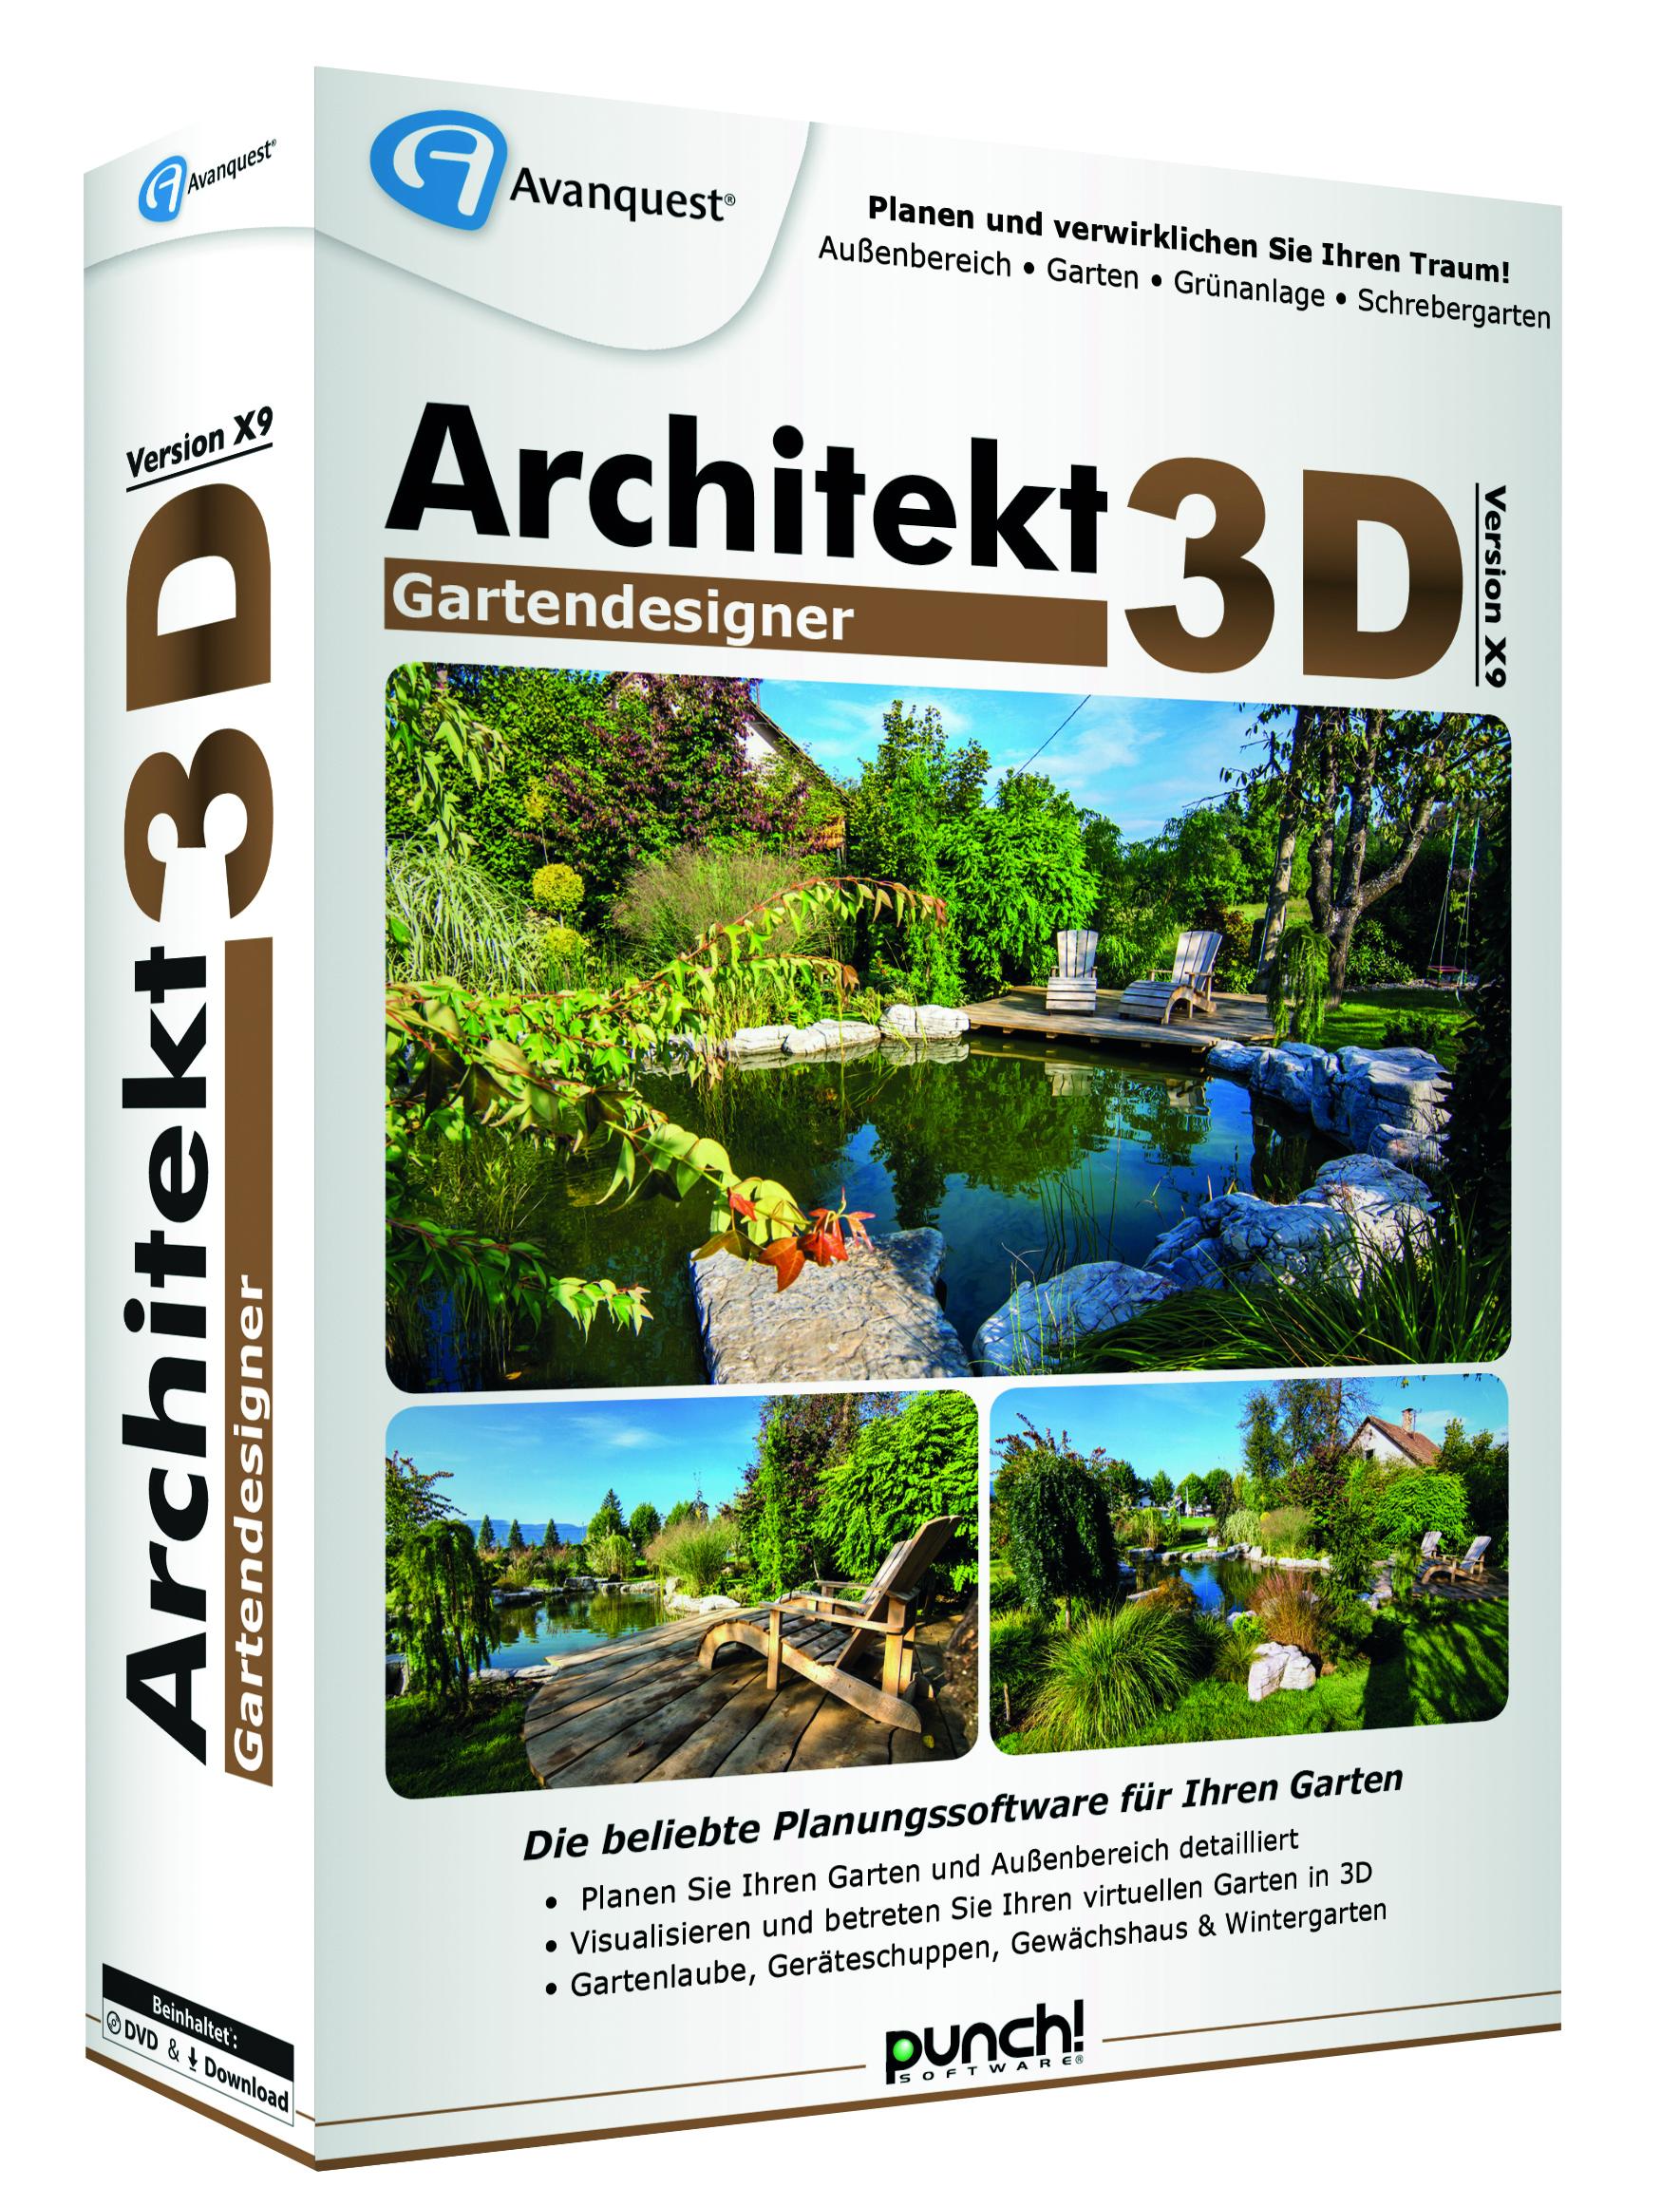 Architekt 3D Gartendesigner X9 3D links 300dpi CMYK